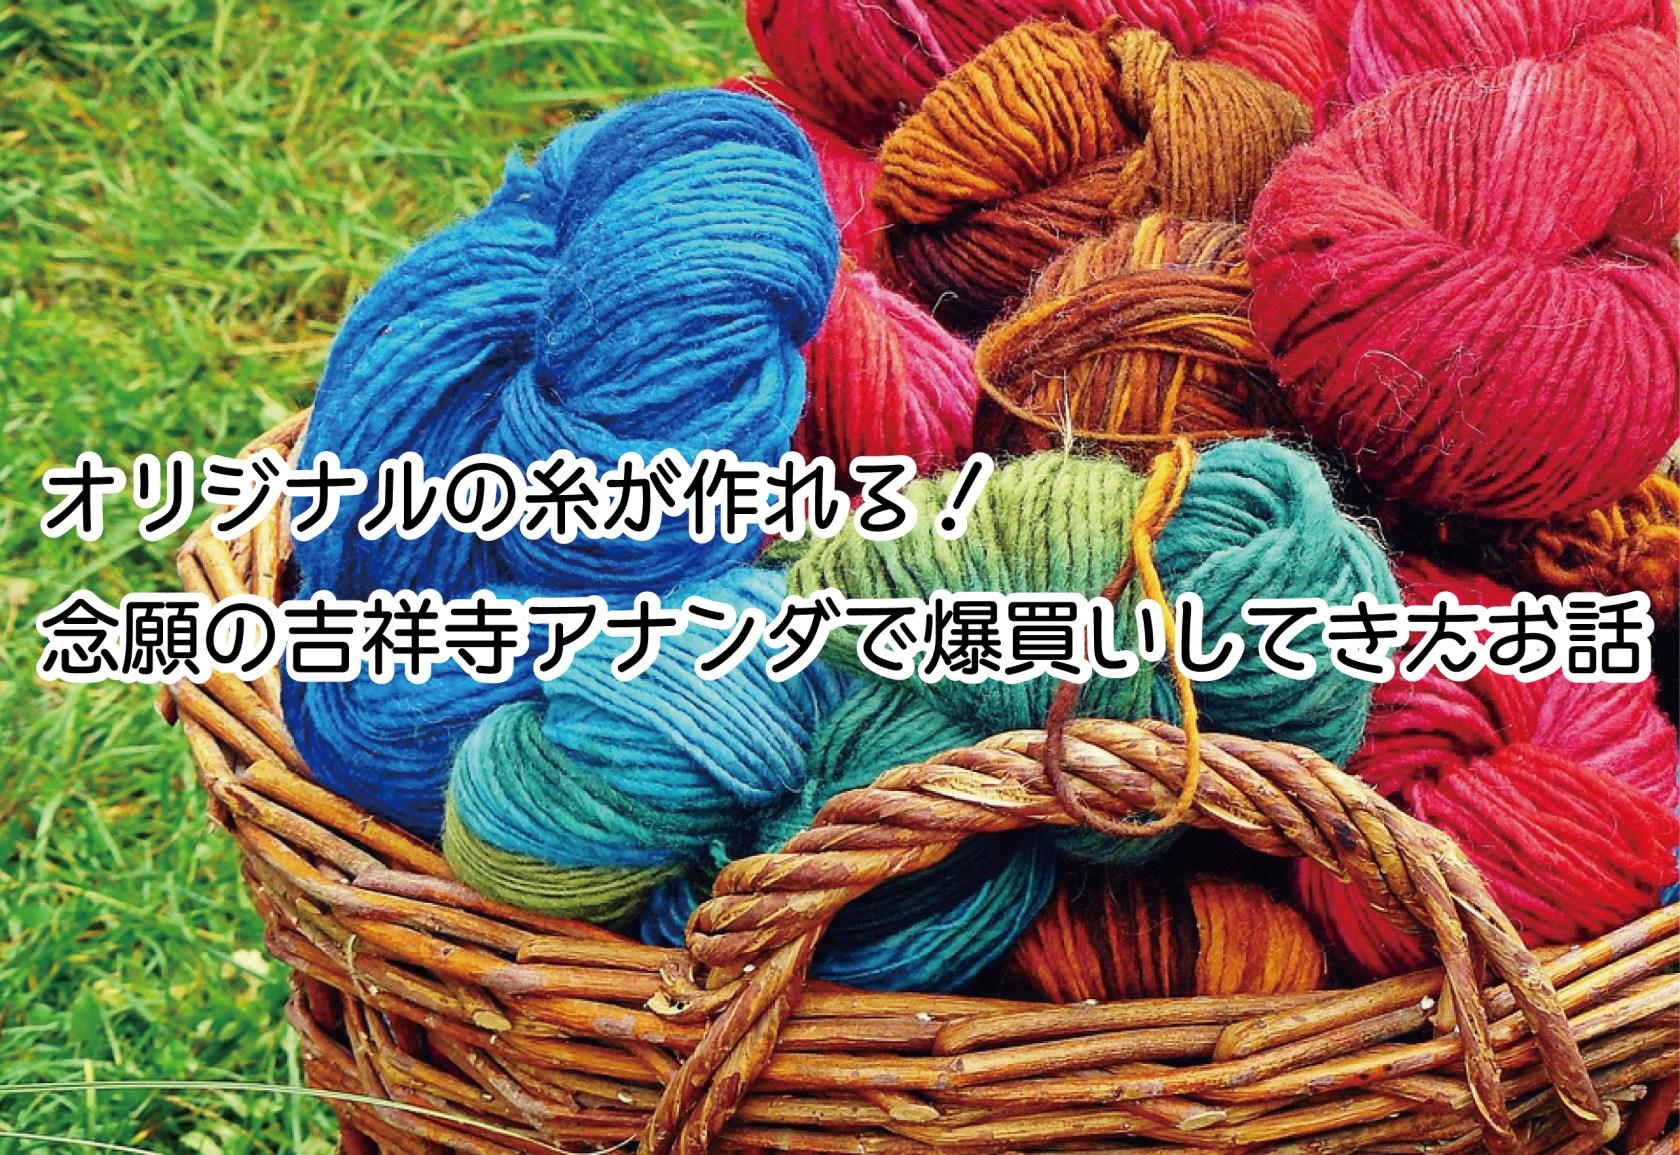 オリジナルの糸が作れる!念願の吉祥寺アナンダで爆買いしてきたお話